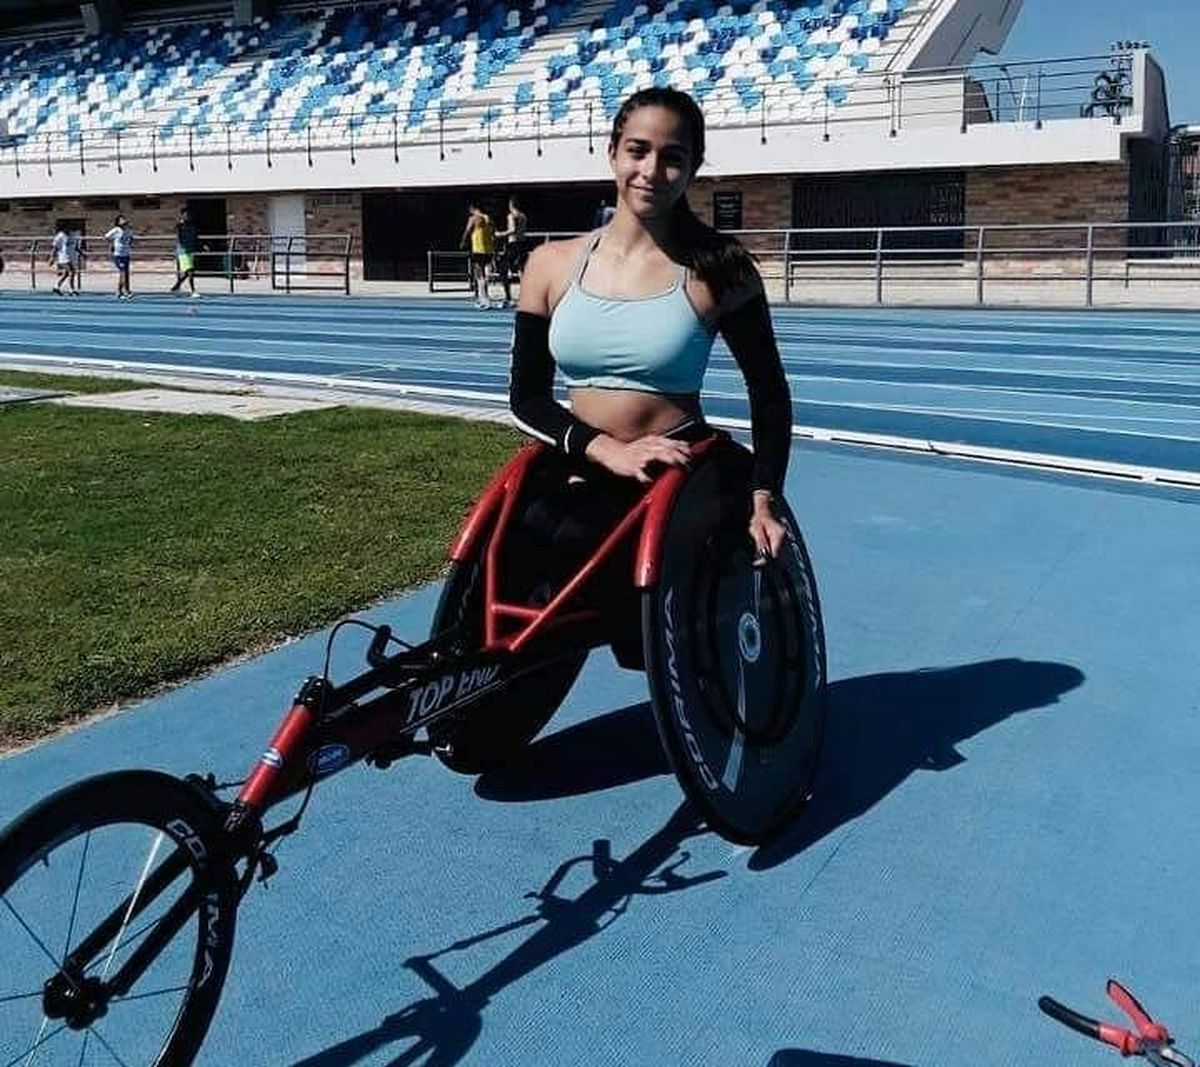 La deportista de Moreno, Lucía Montenegro, reclamó que el Comité Paralímpico no la dejó participar en un torneo en Suiza